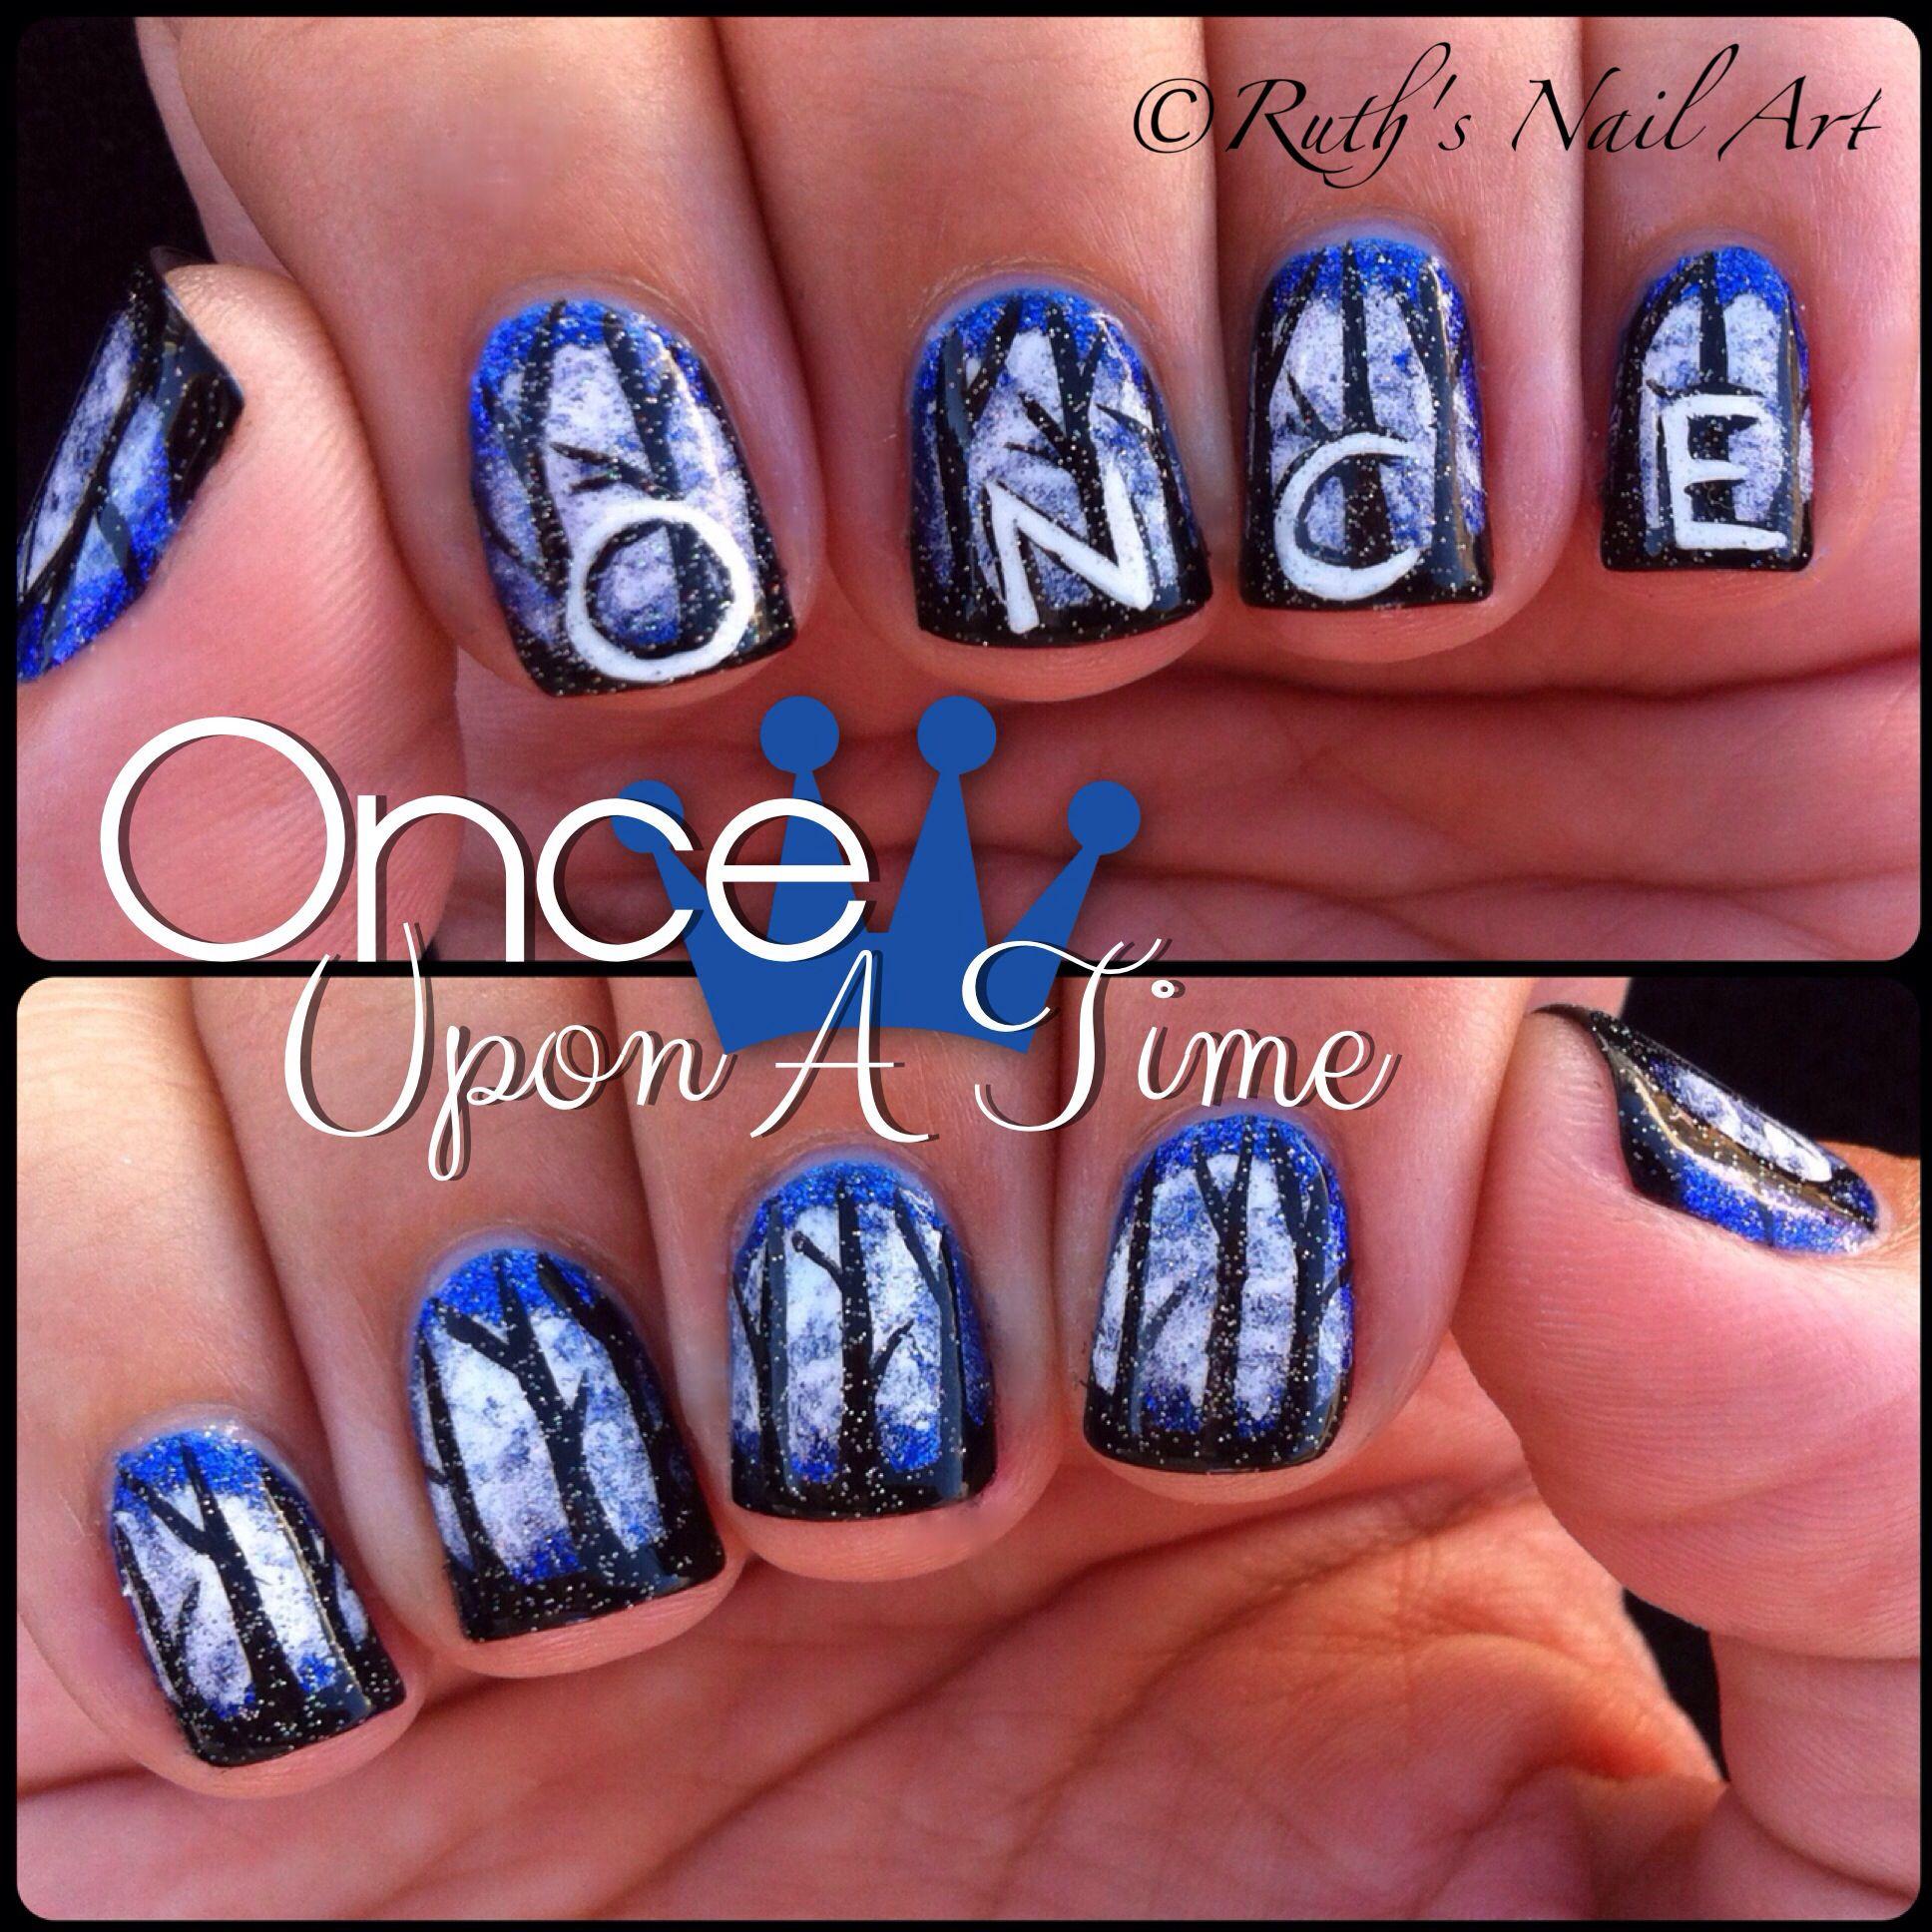 Once Upon A Time Nails Nailart Ruthsnailart